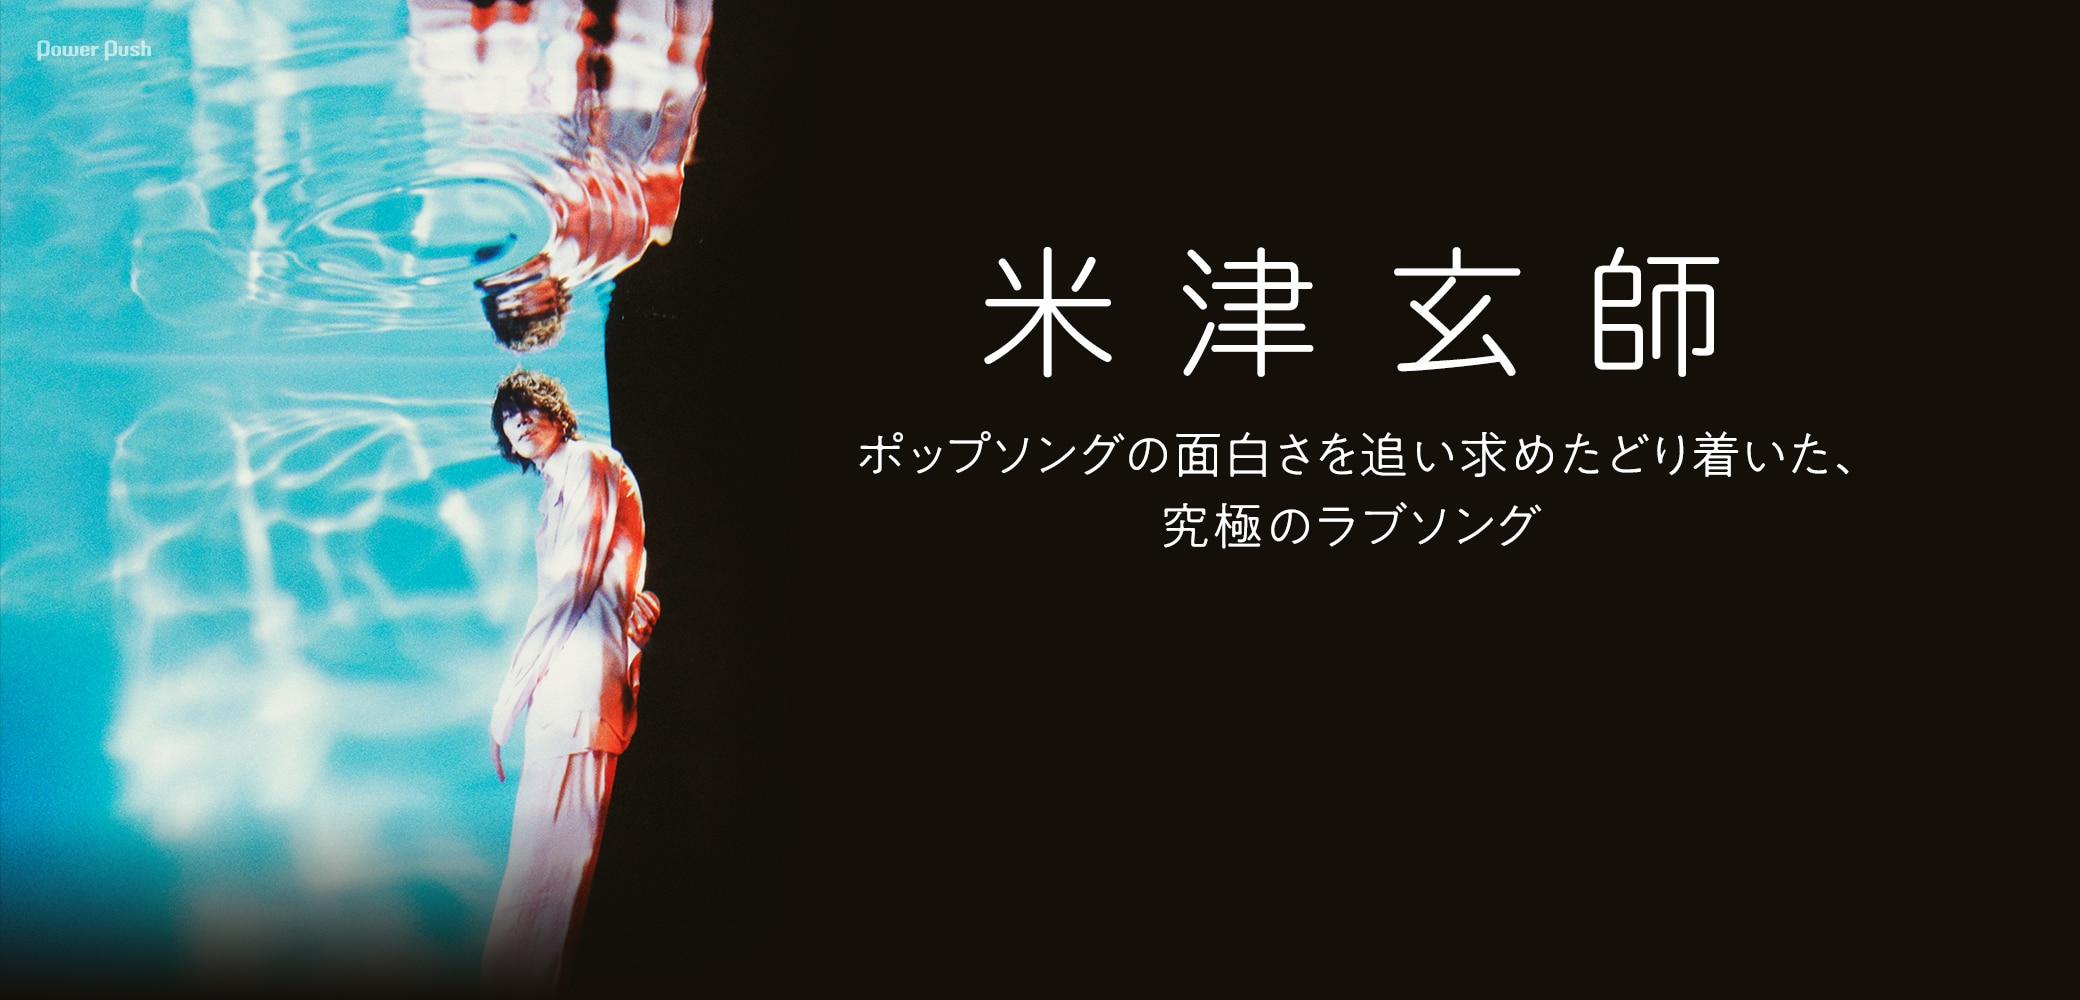 米津玄師|ポップソングの面白さを追い求めたどり着いた、究極のラブソング